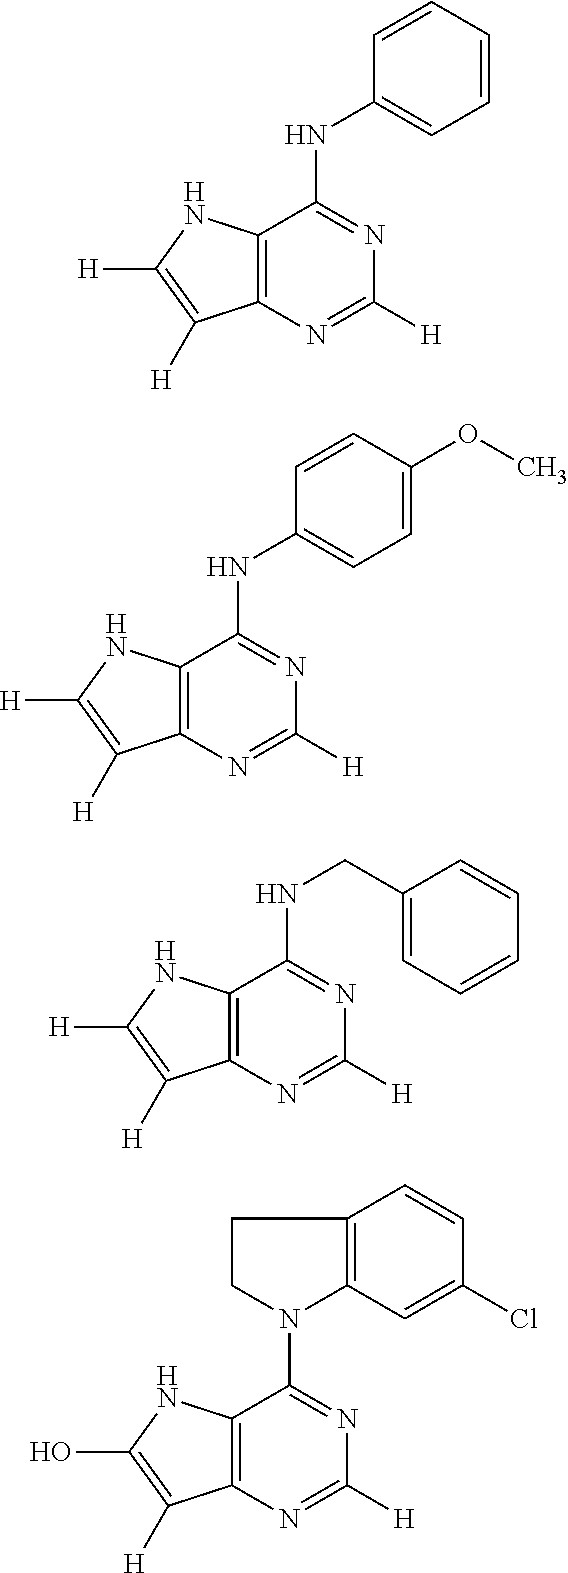 Figure US20110003805A1-20110106-C00008